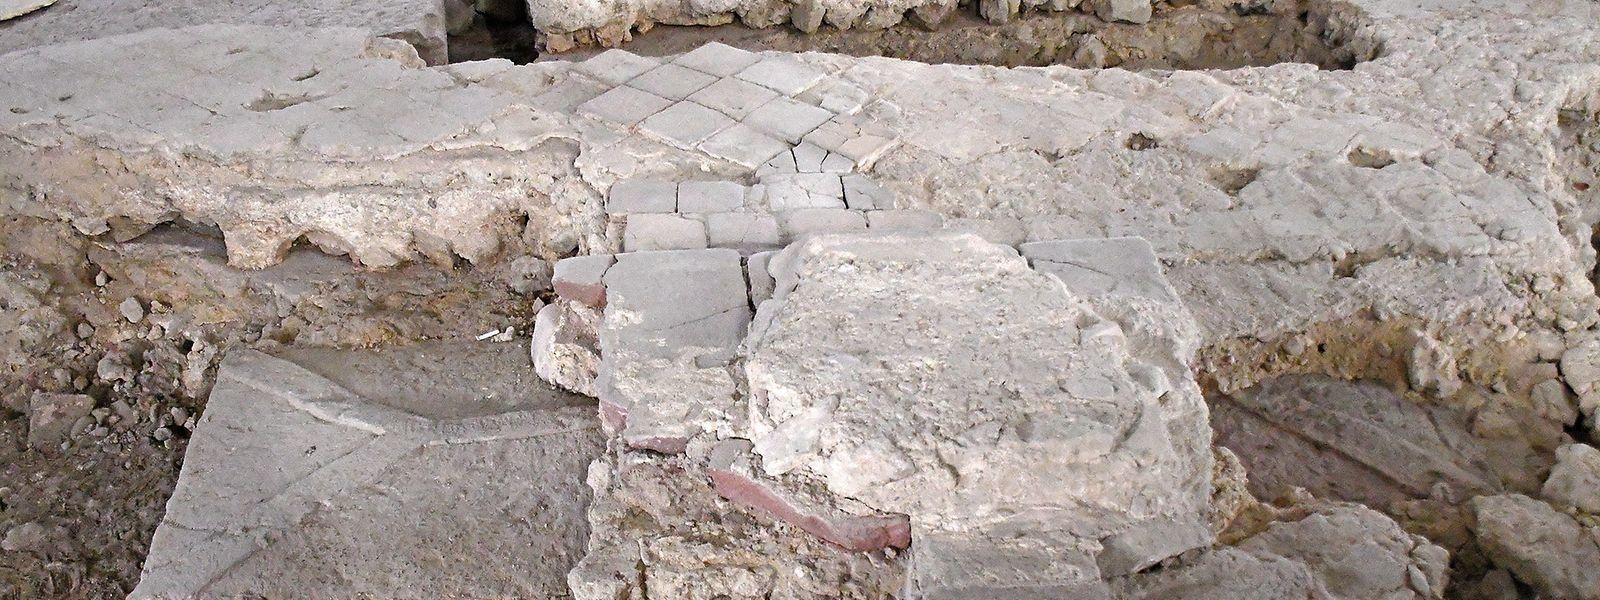 Bei Ausgrabungen in der evangelischen St. Johanniskirche in Mainz wurde ein Sarkophag entdeckt, der möglicherweise die Grablegung eines Bischofs war.